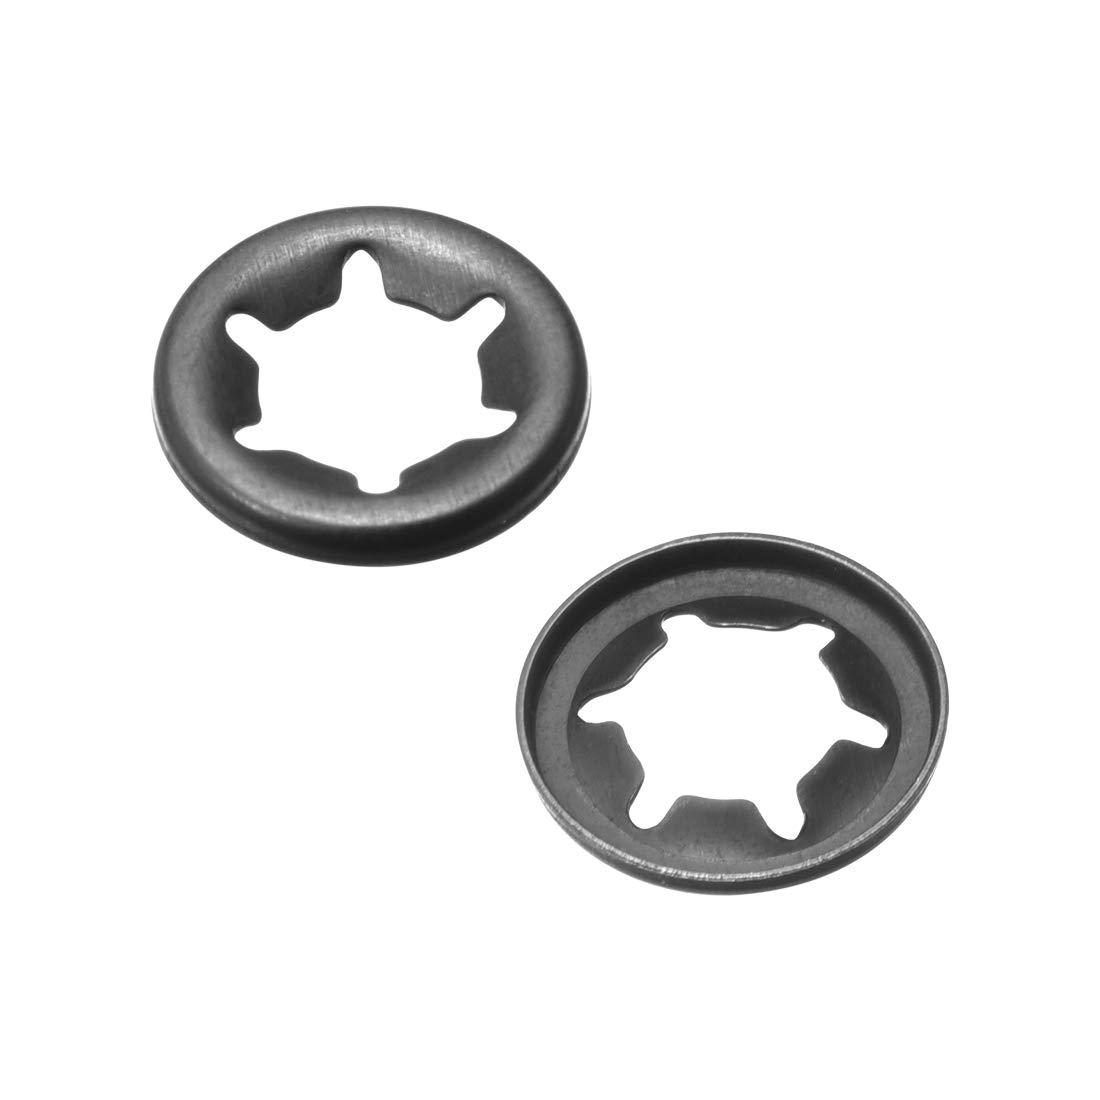 Arandelas Starlock de Sourcingmap con cierre a presi/ón para dientes internos kit surtido de broches paquete de 100 unidades